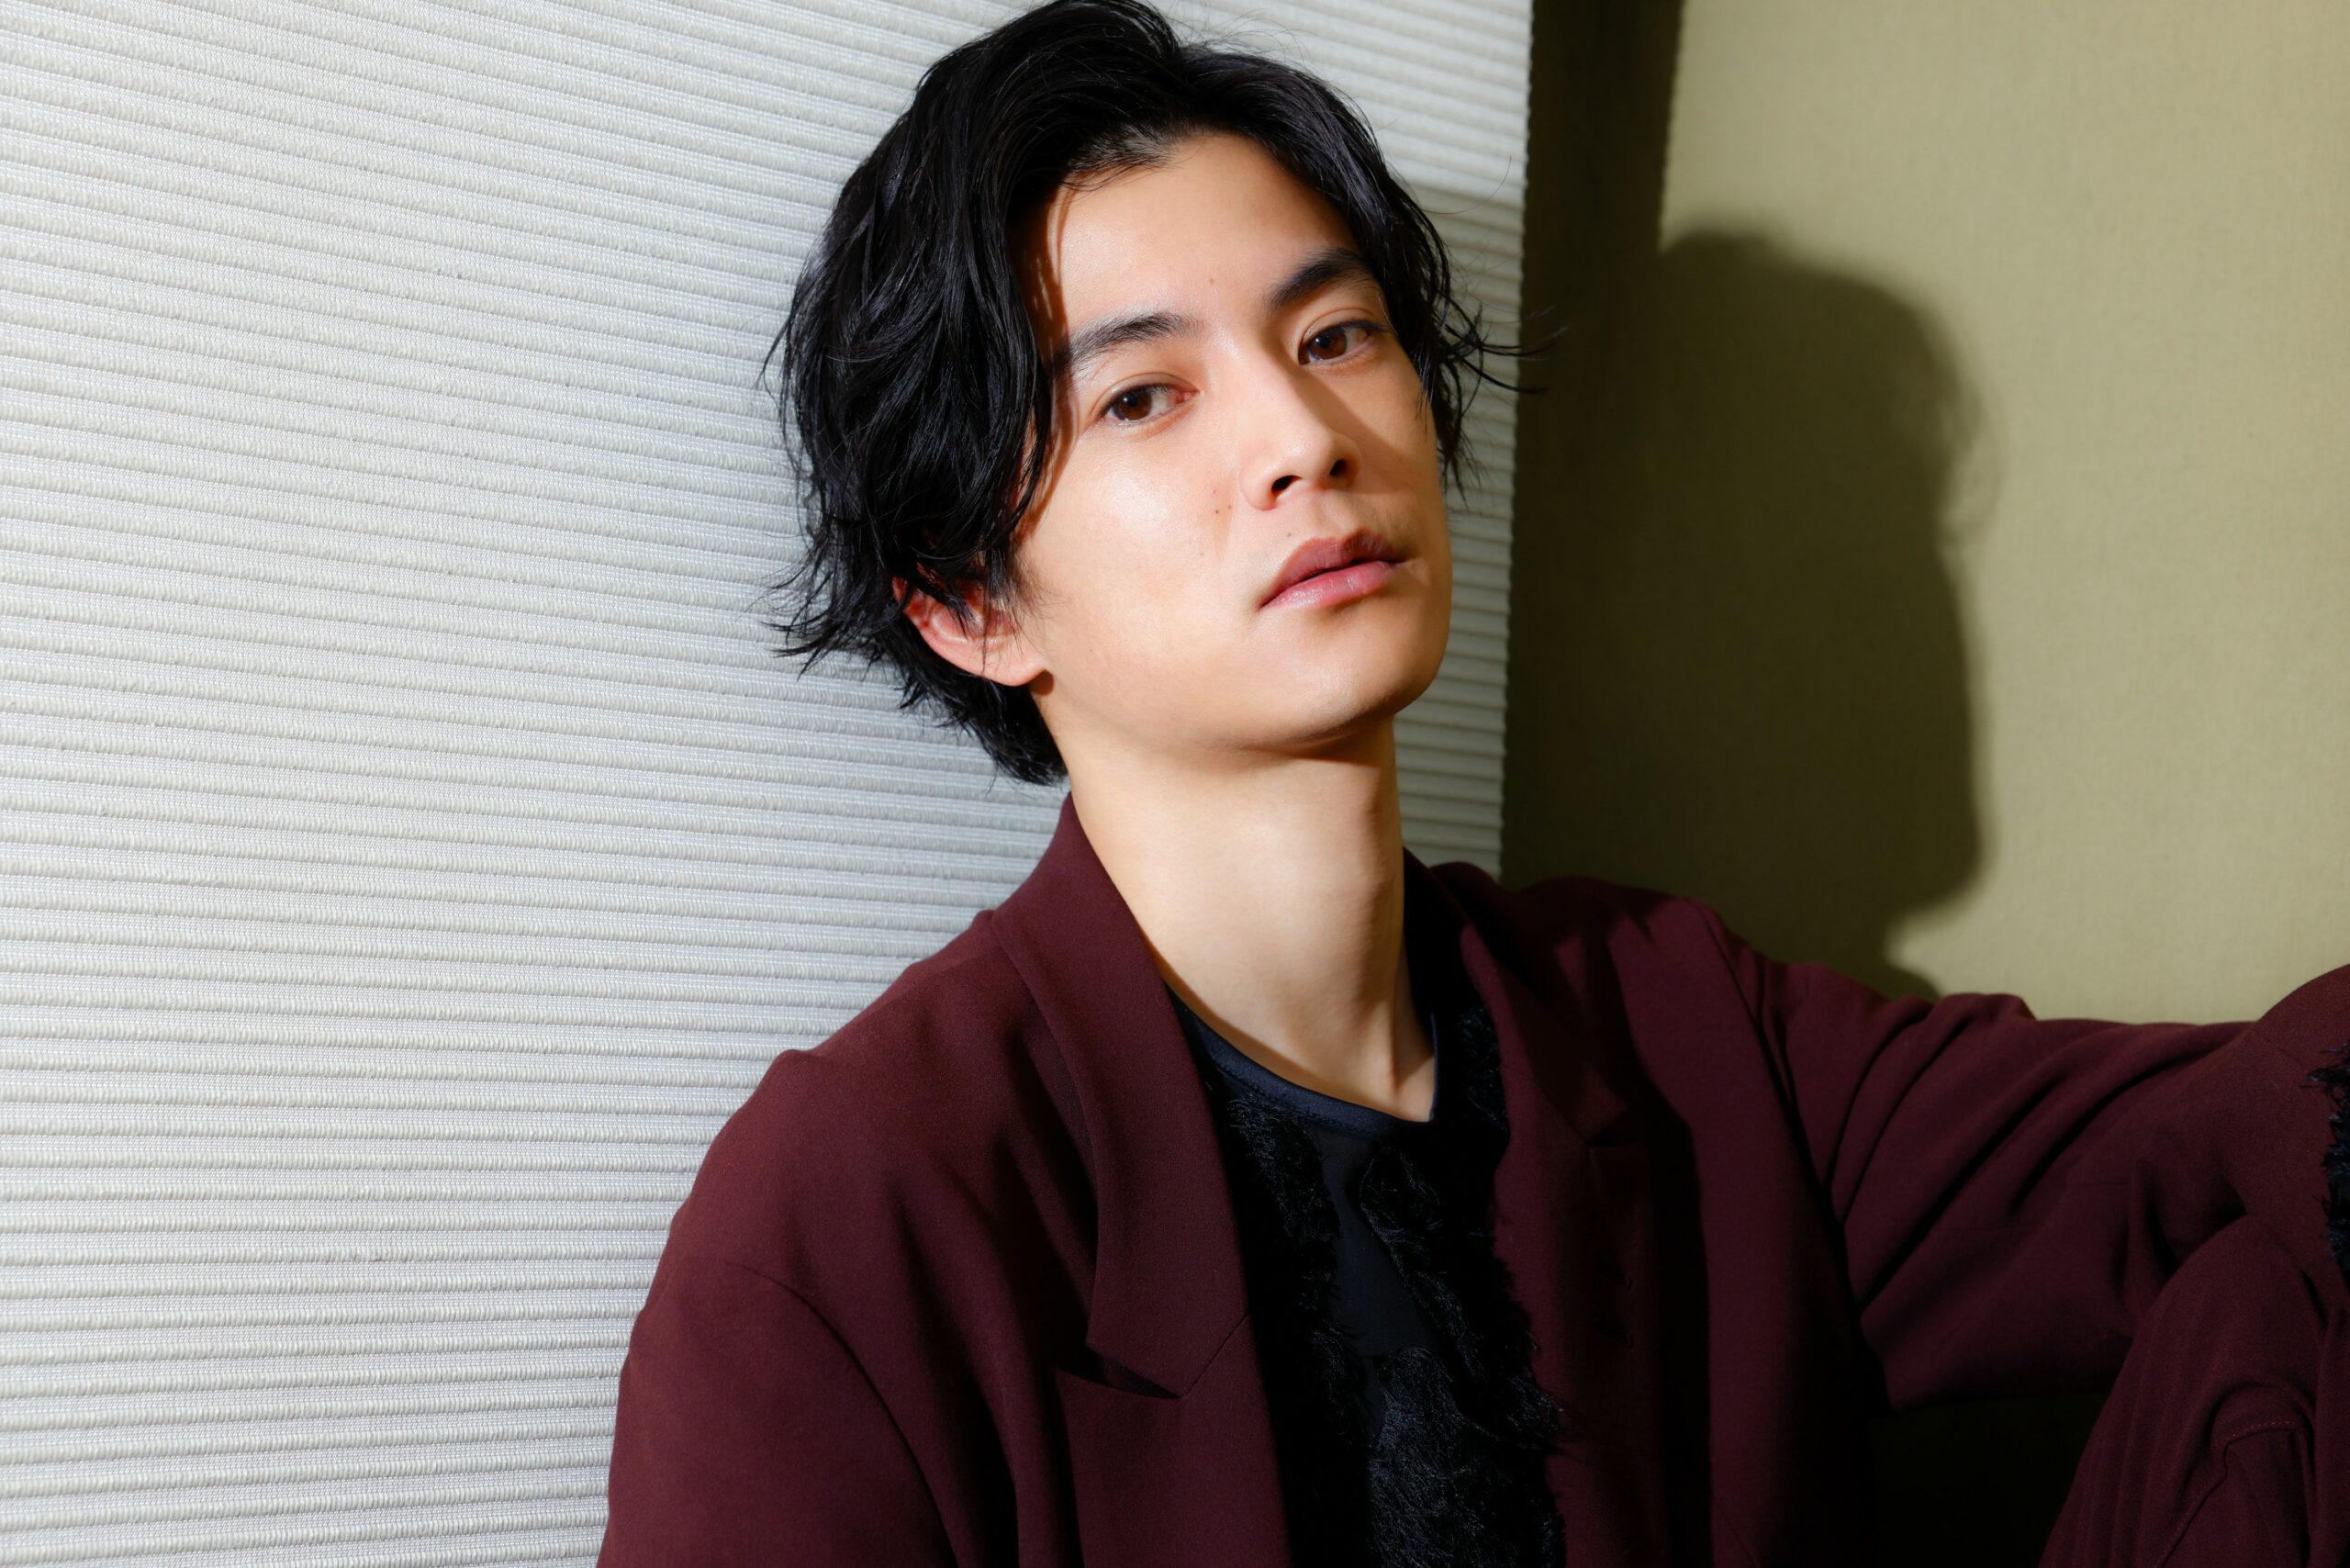 今大注目の俳優、渡邊圭祐さん